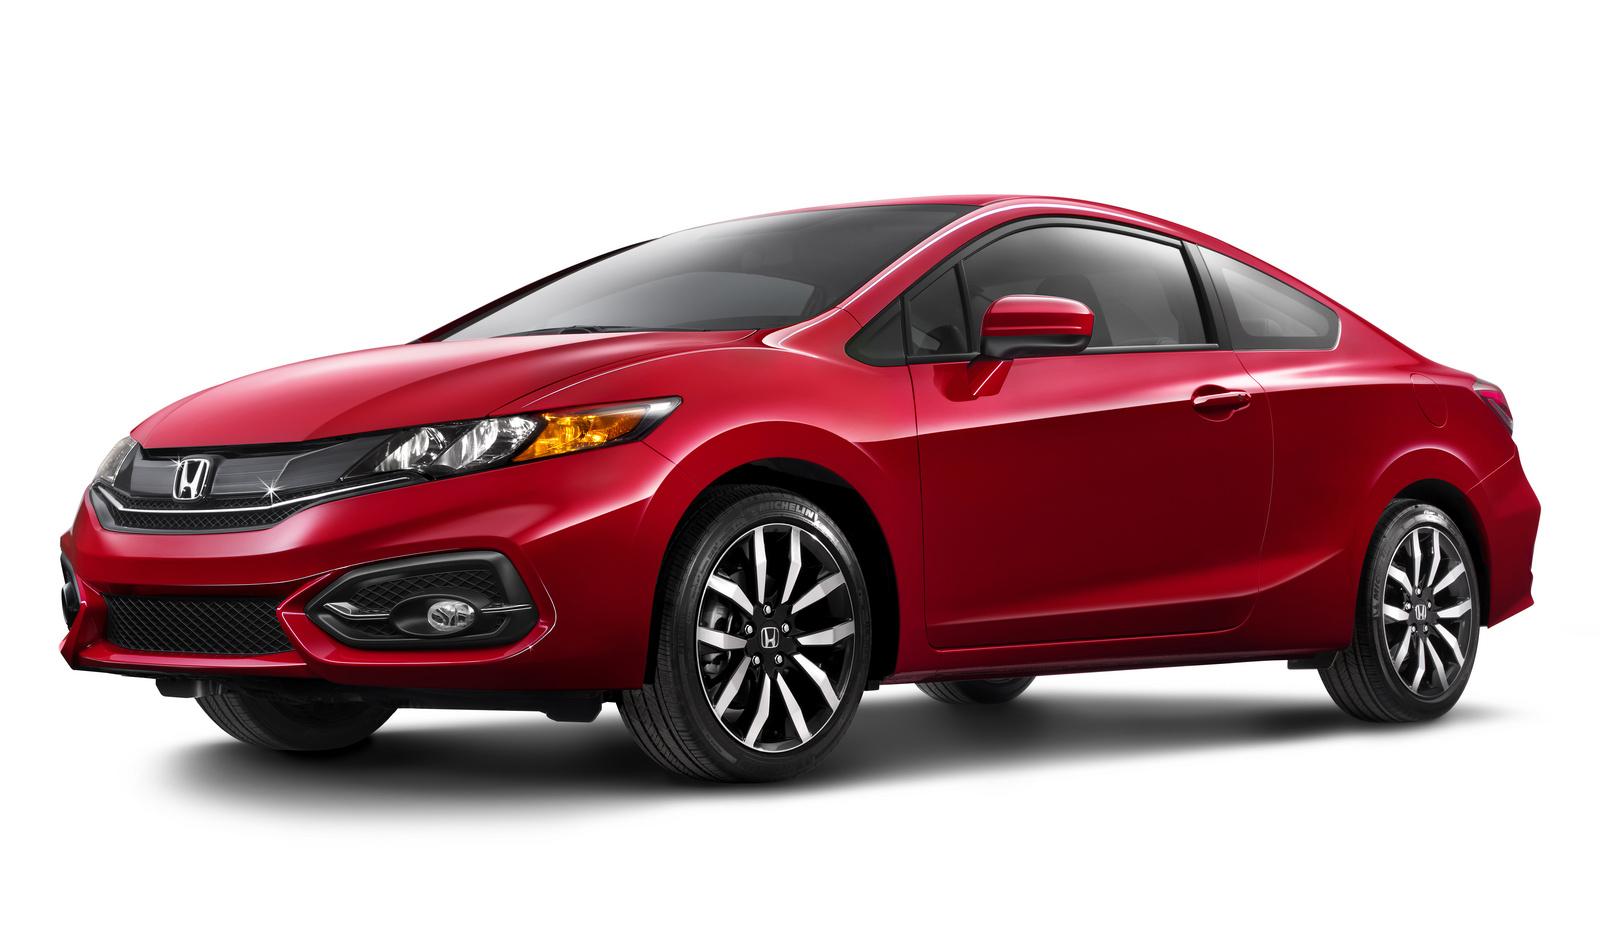 Image Result For Honda Ridgeline Review